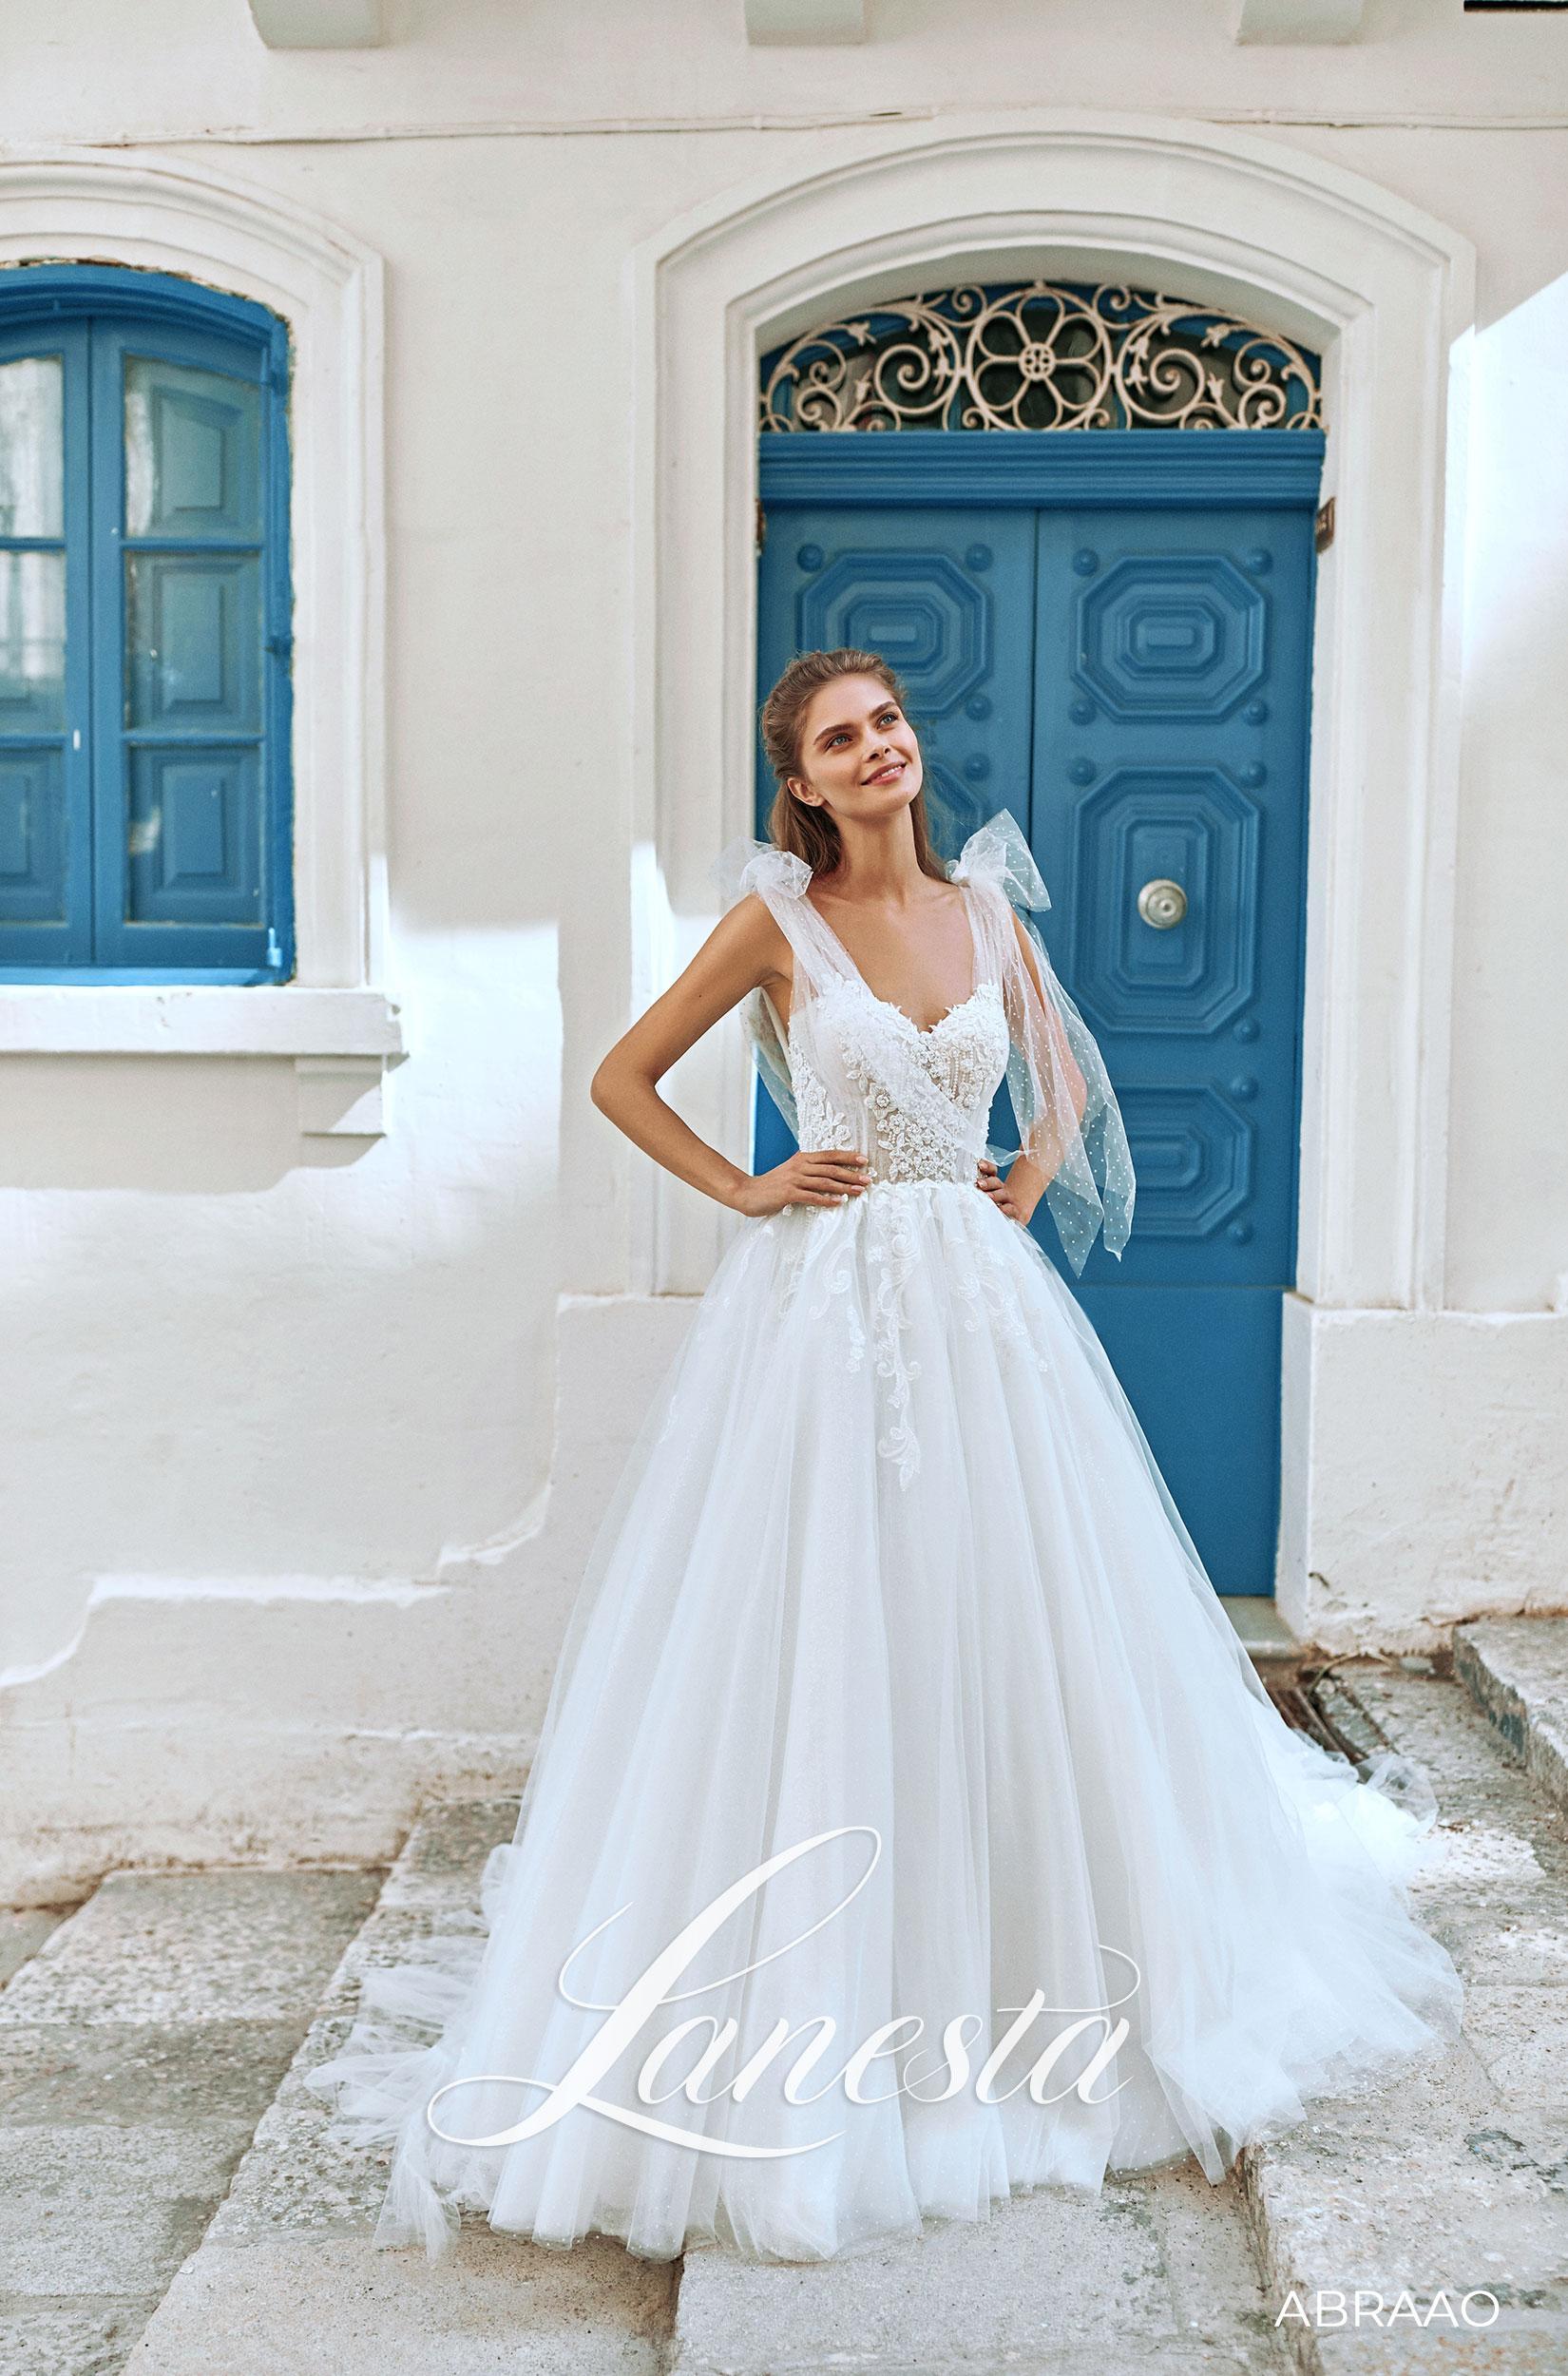 Как подобрать свадебное платье по фигуре?